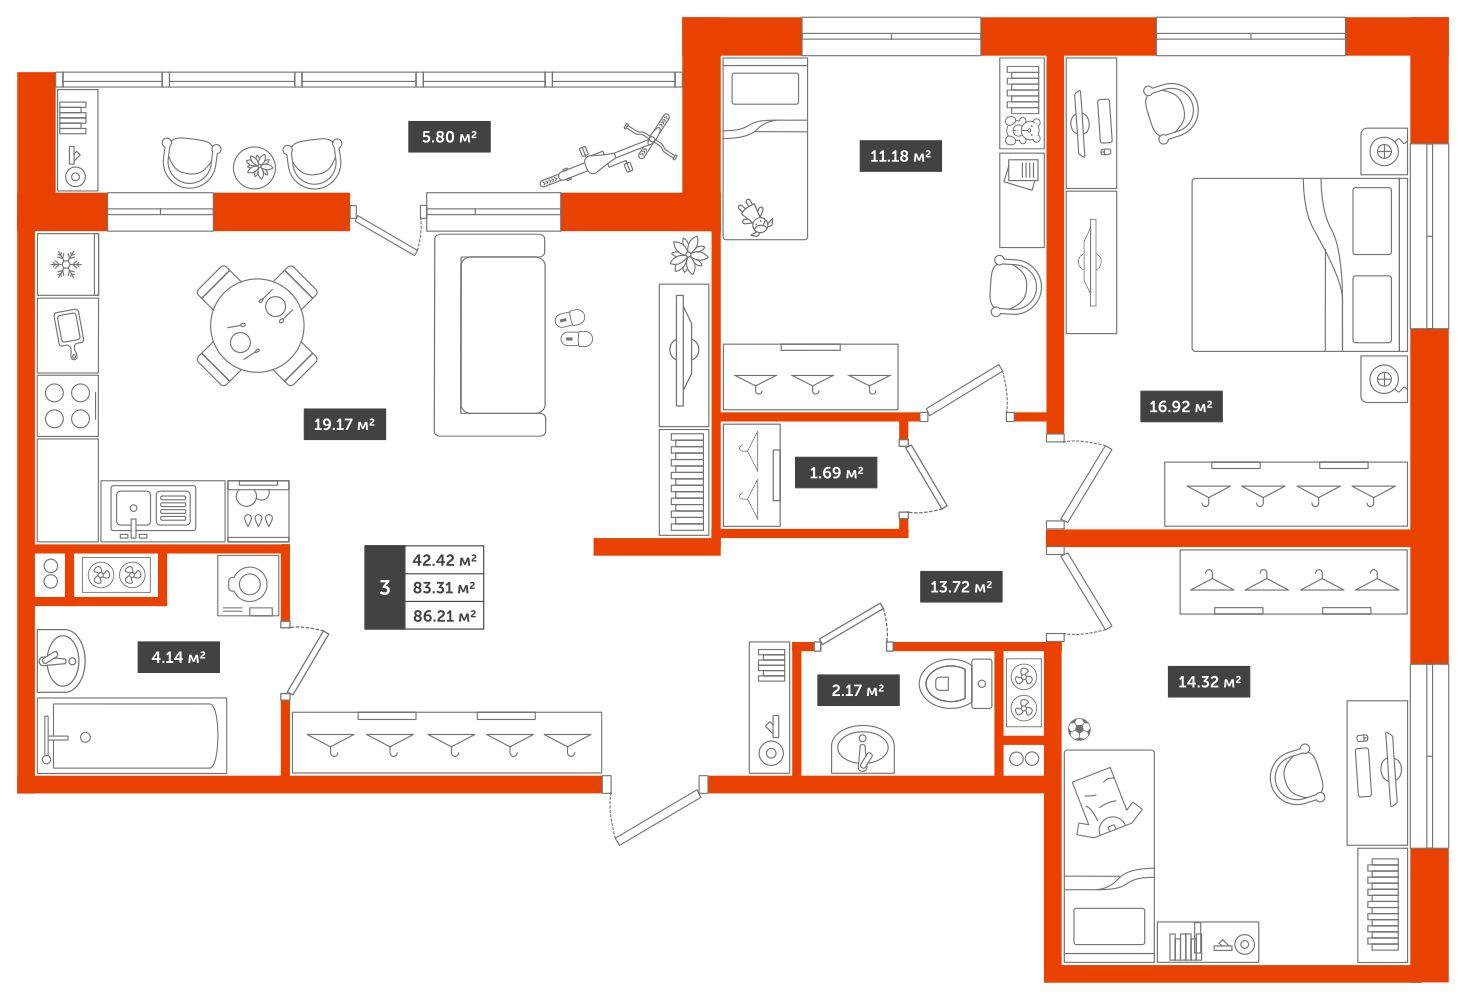 3-комнатная квартира, 86.21м² за 7,2 млн руб.